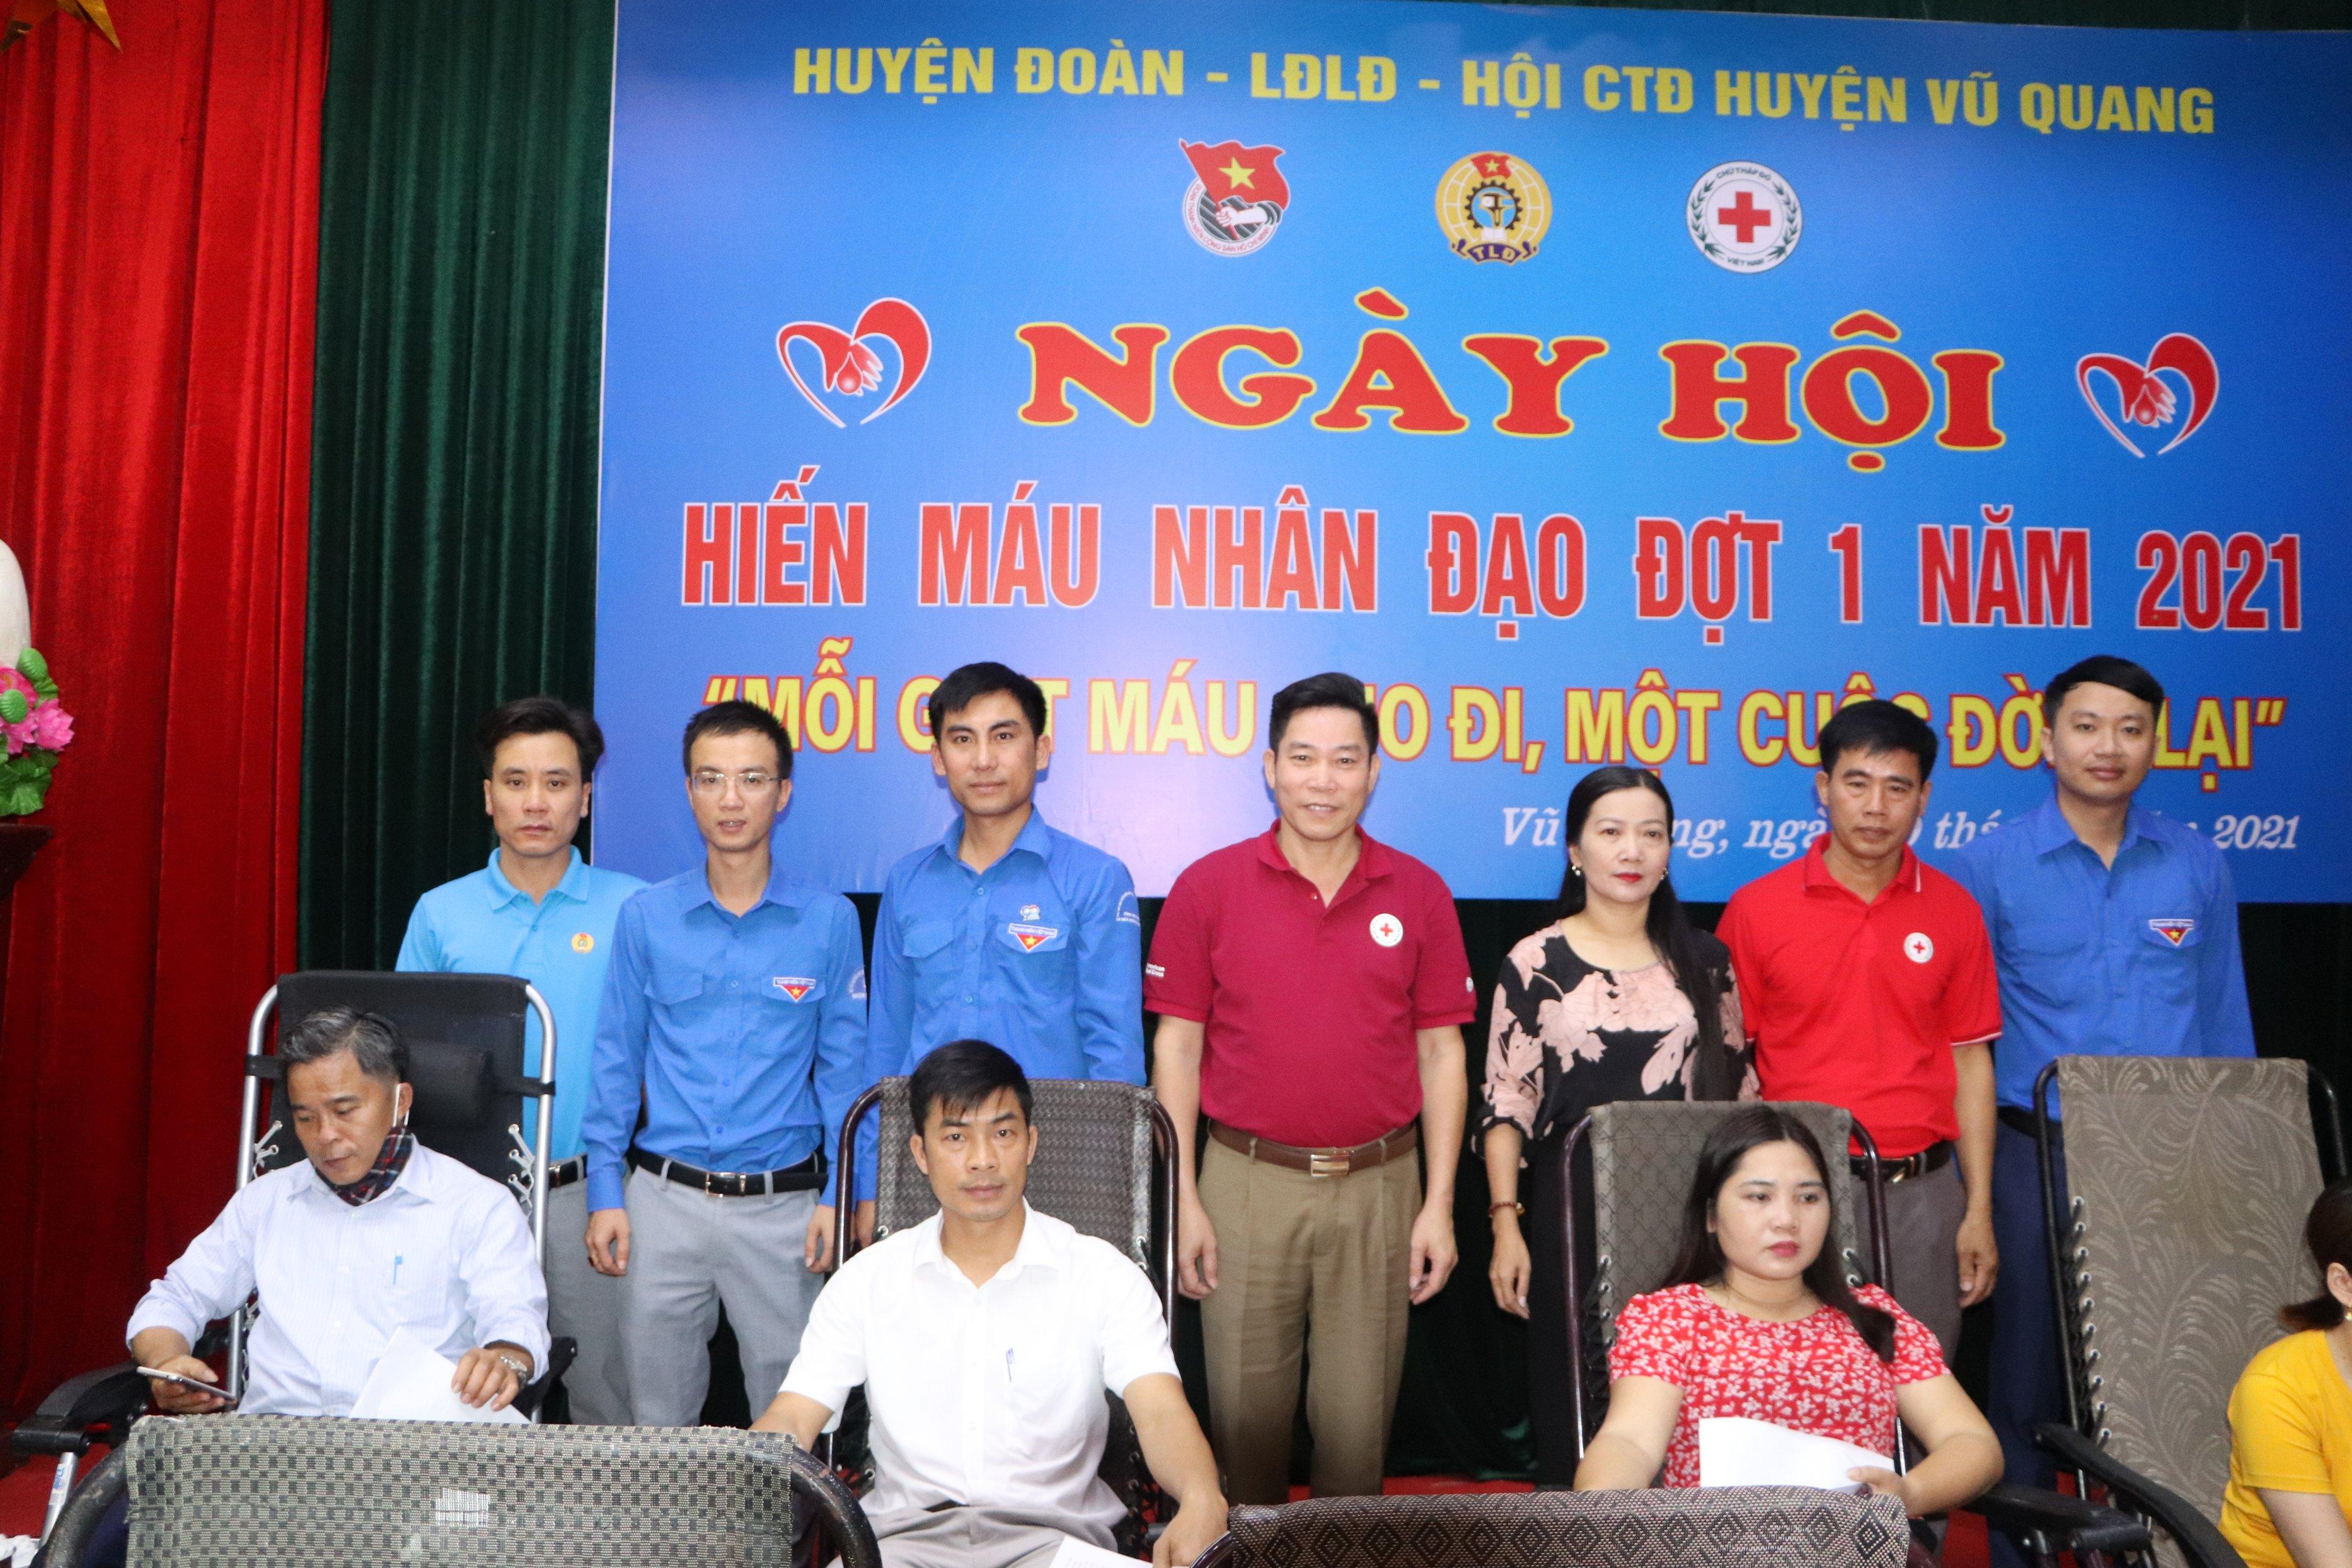 Vũ Quang: Phối hợp tổ chức hiến máu tình nguyện